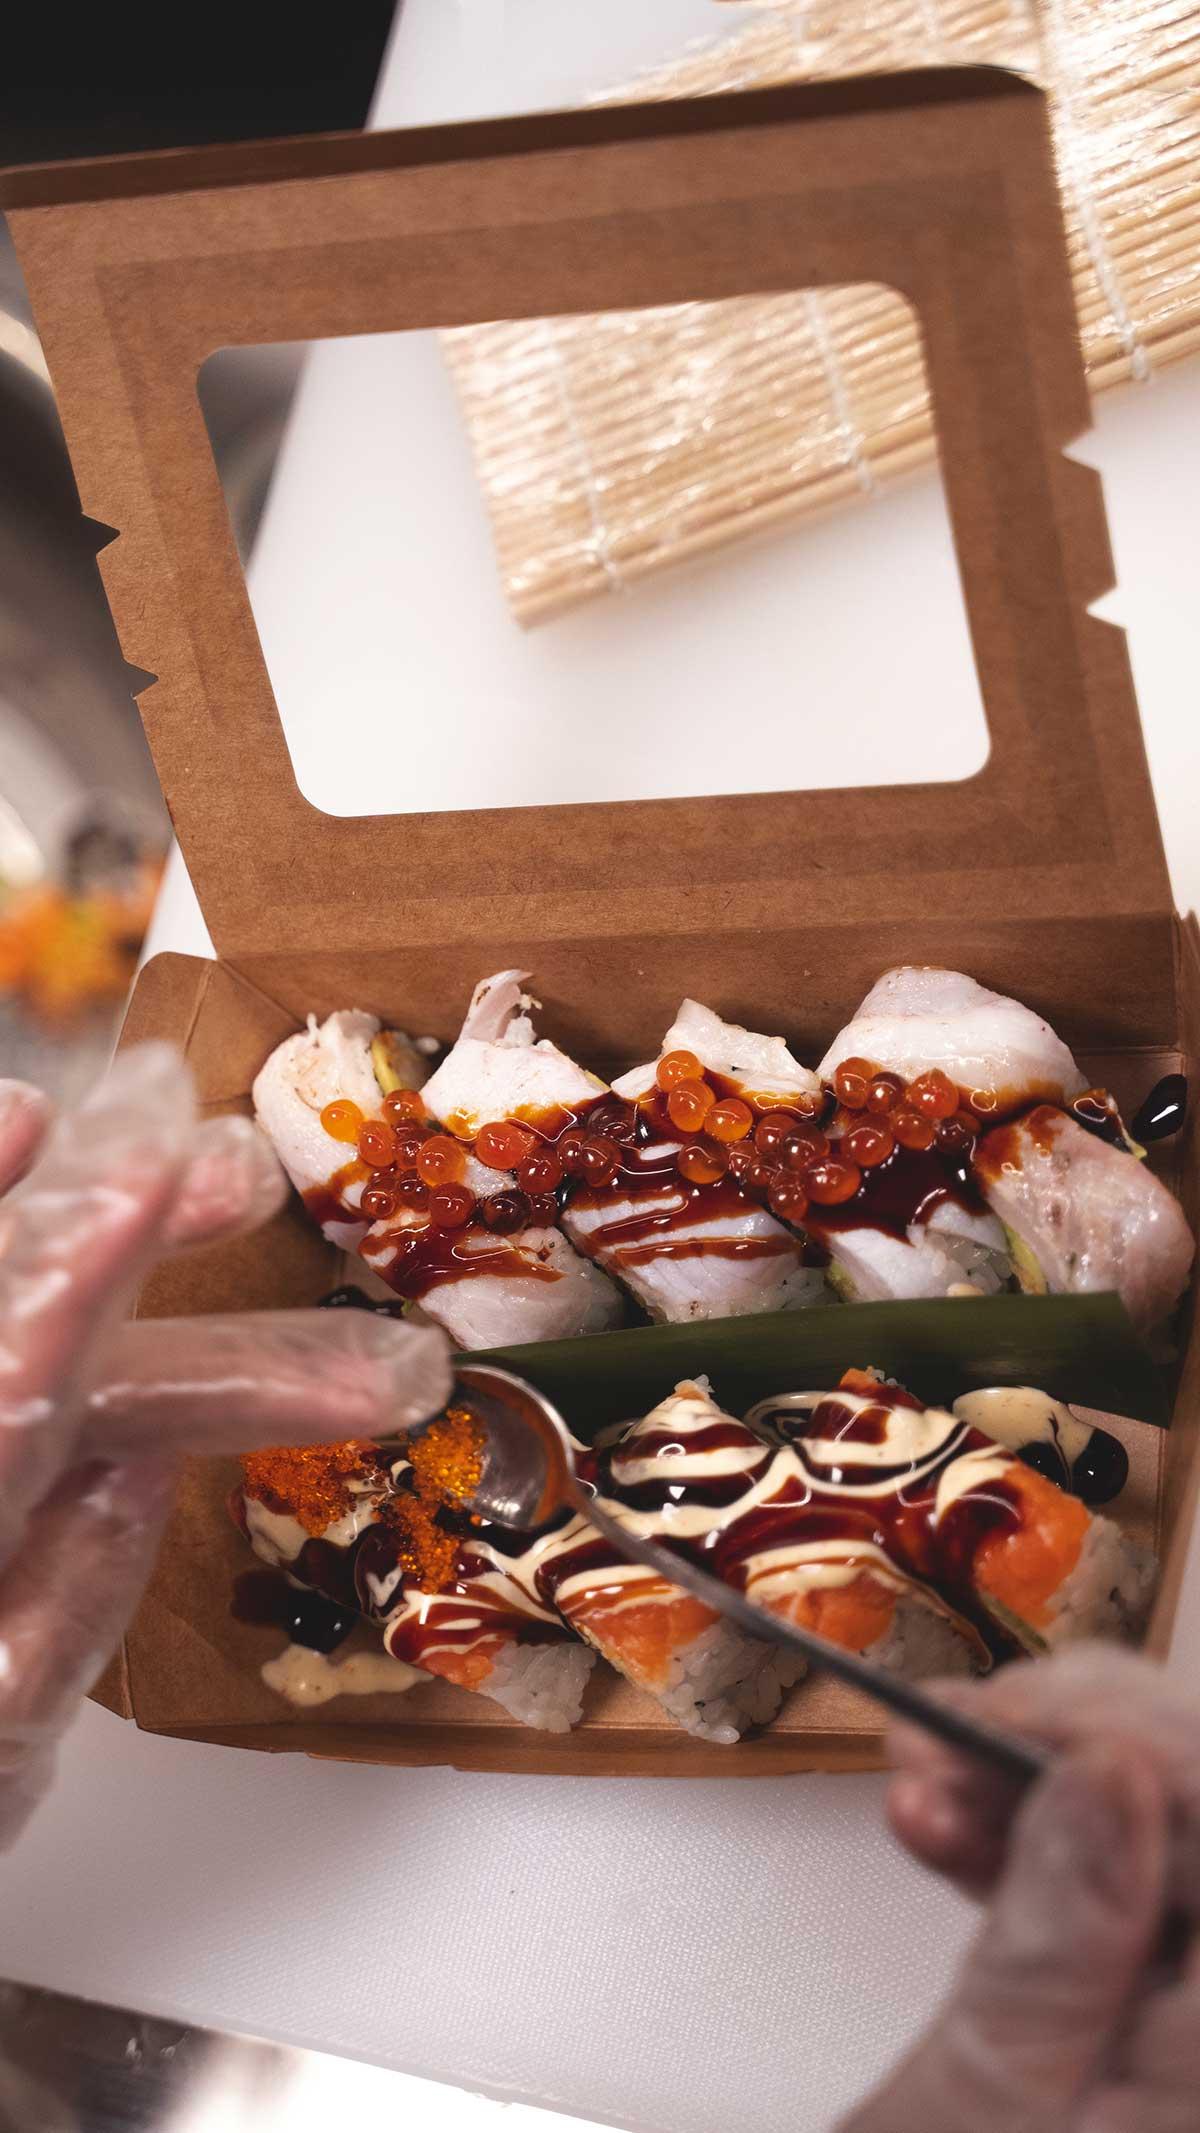 miglior-delivery-giapponese-treviglio